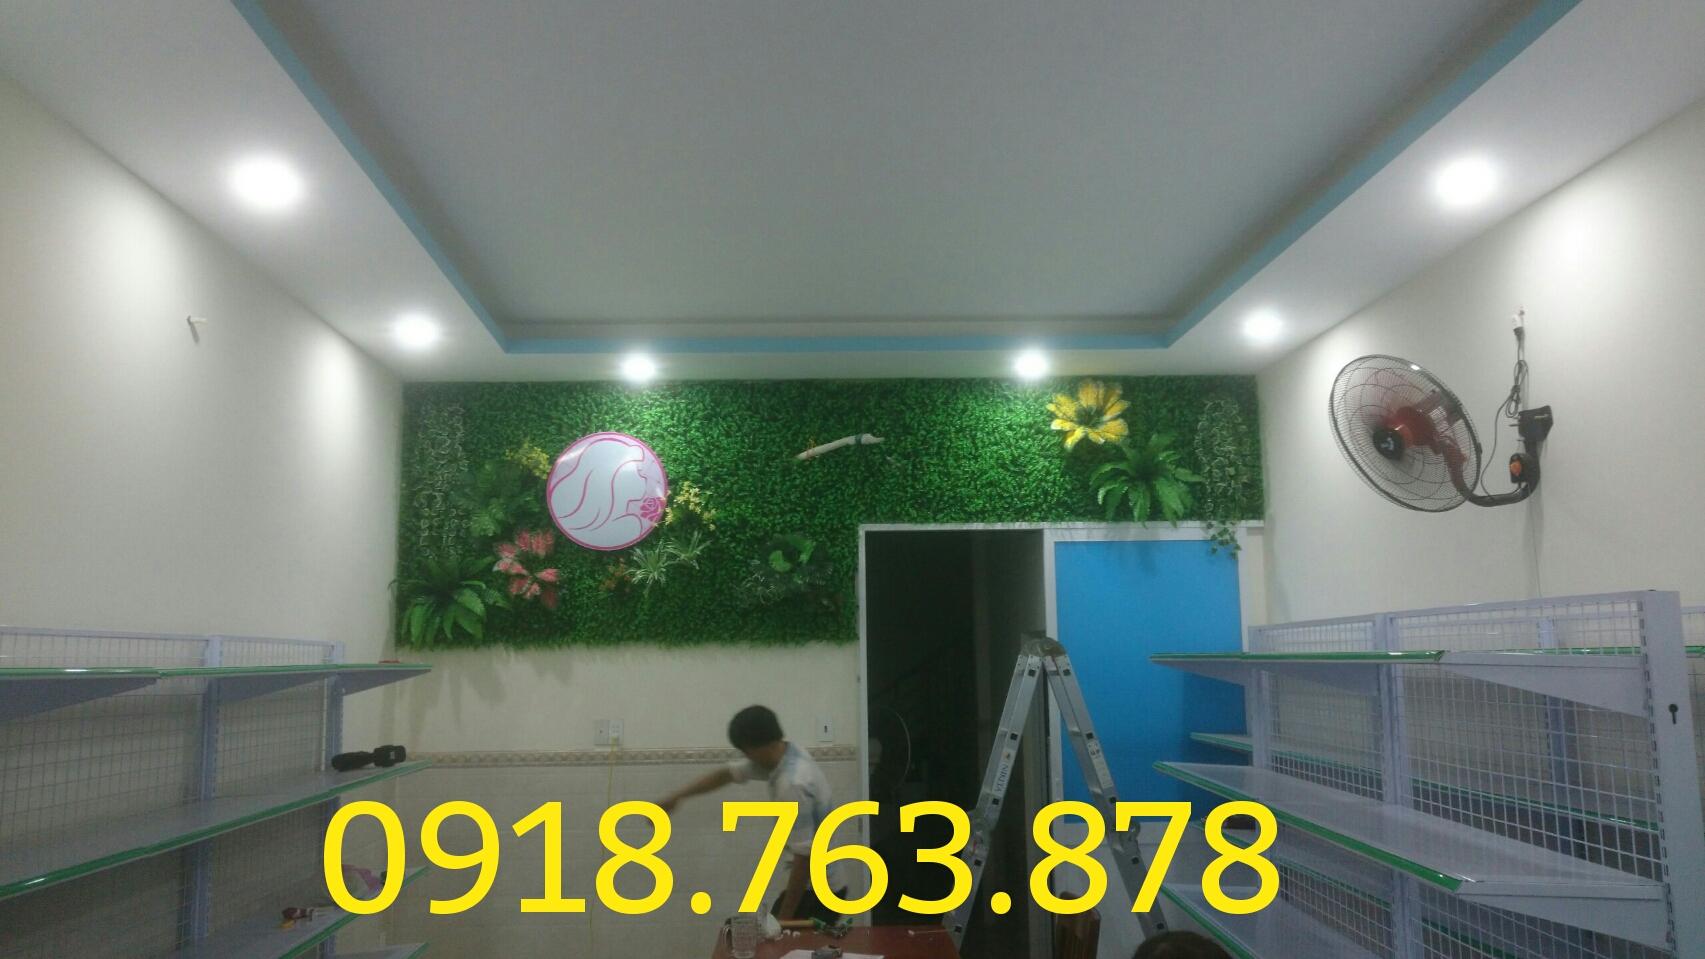 Thi công tường lá cây giả trang trí văn phòng VTC Academy